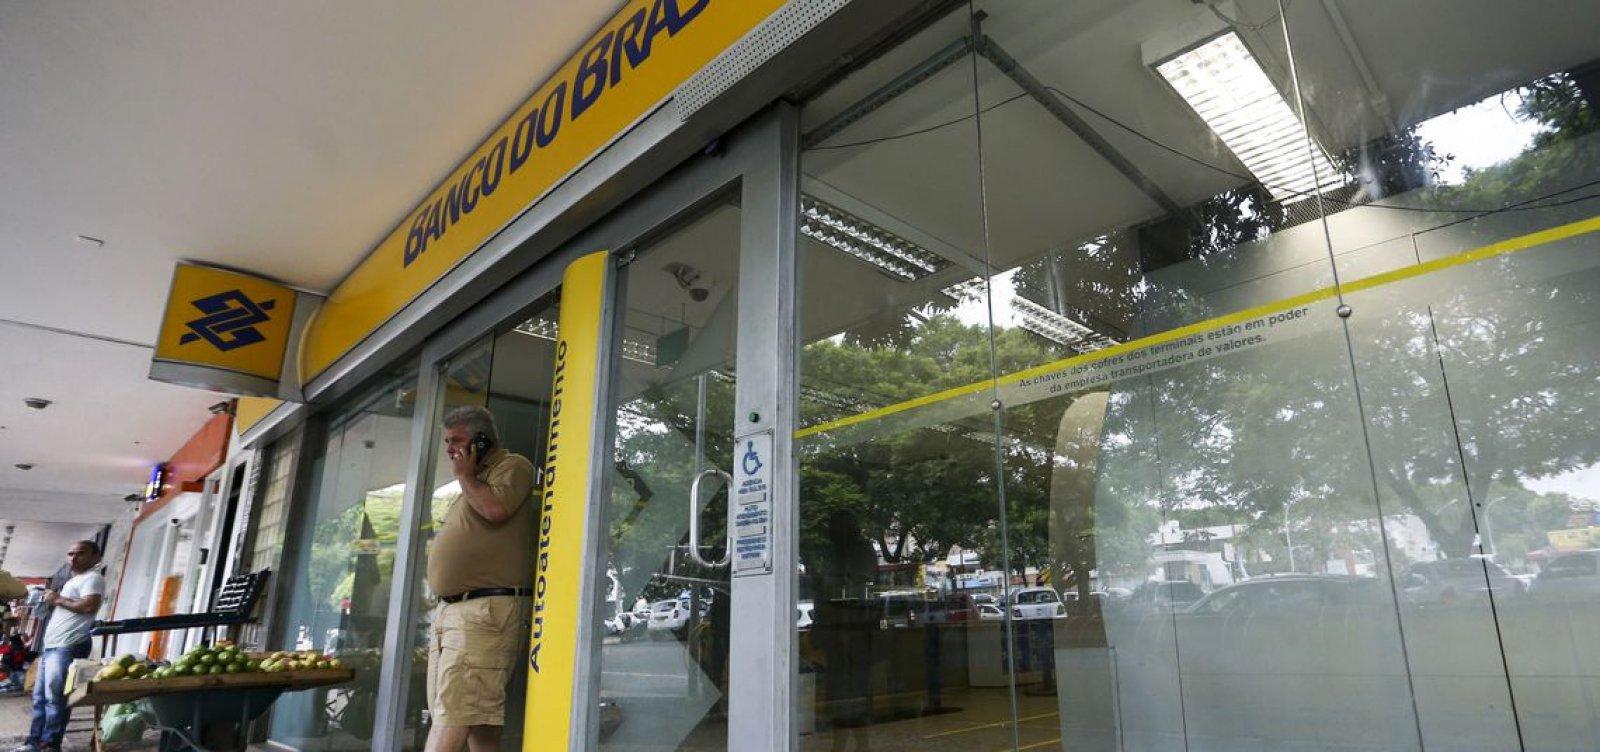 Equipe de Paulo Guedes avalia privatização do Banco do Brasil, diz jornal